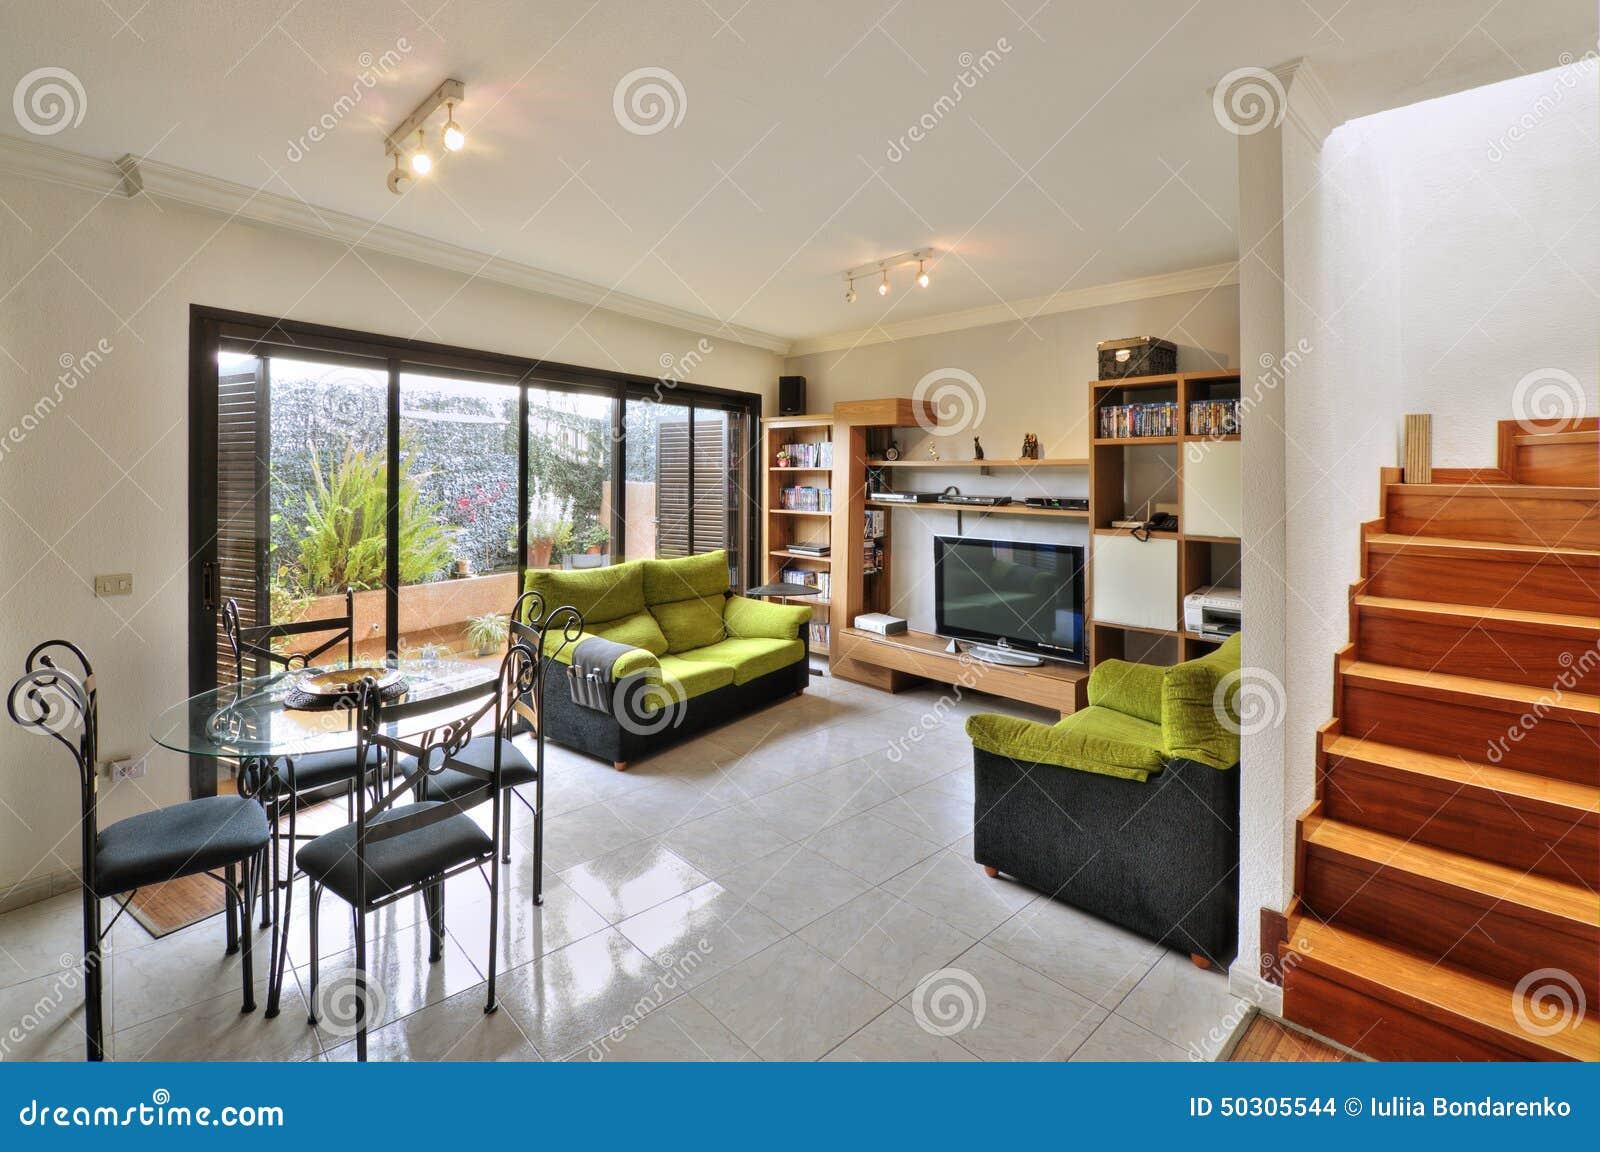 Wohnzimmer Im Modernen Landhaus Stockfoto - Bild von raum, wohn ...